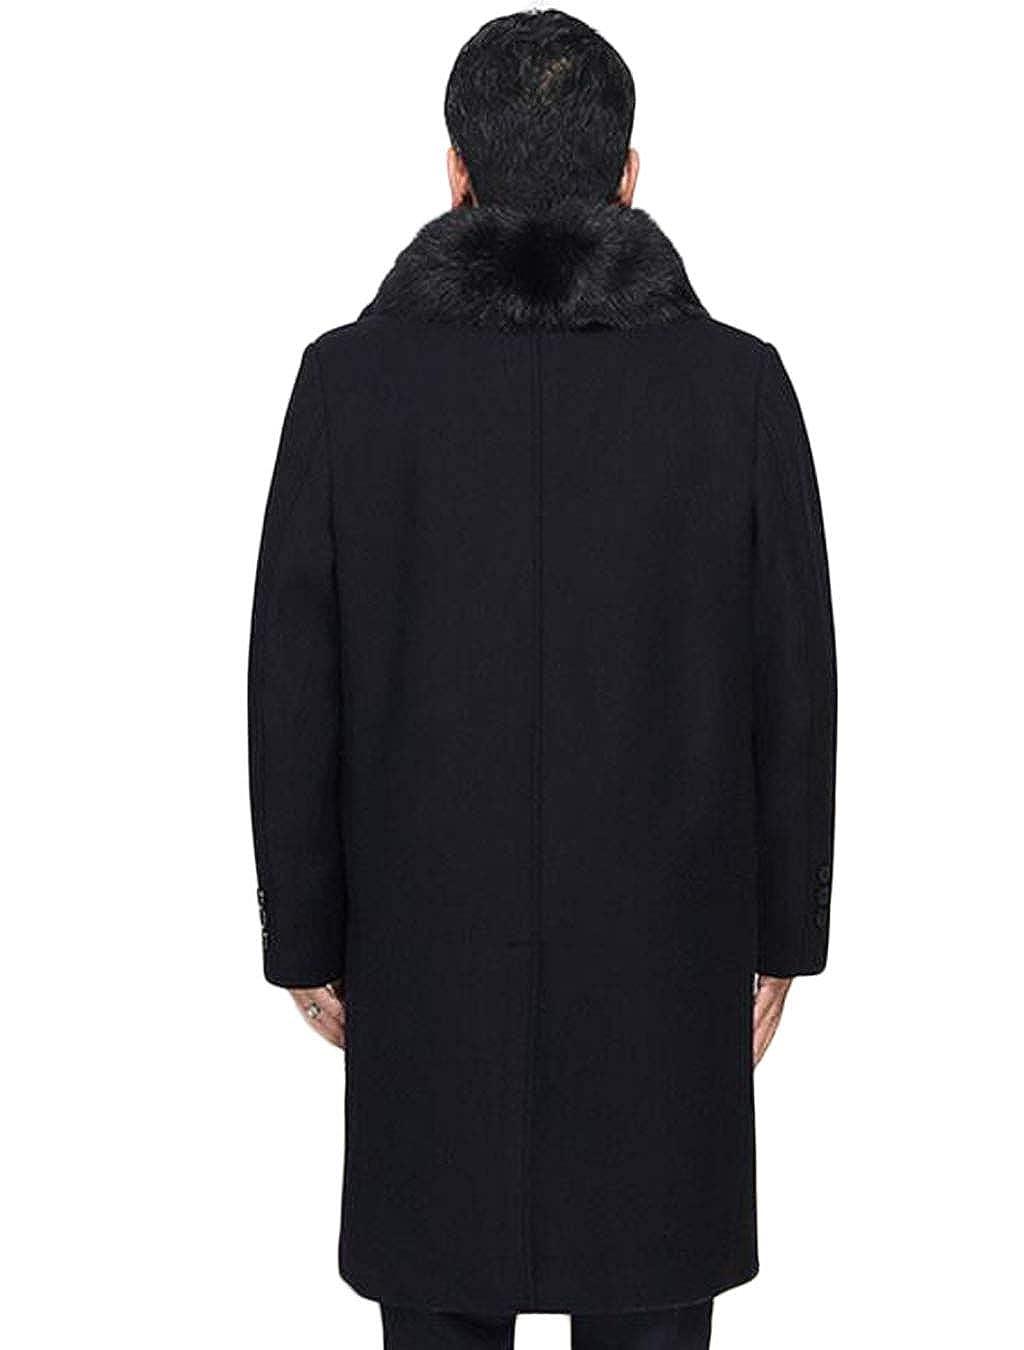 DAFREW factory Manteau en Laine pour Hommes, Trench Coat